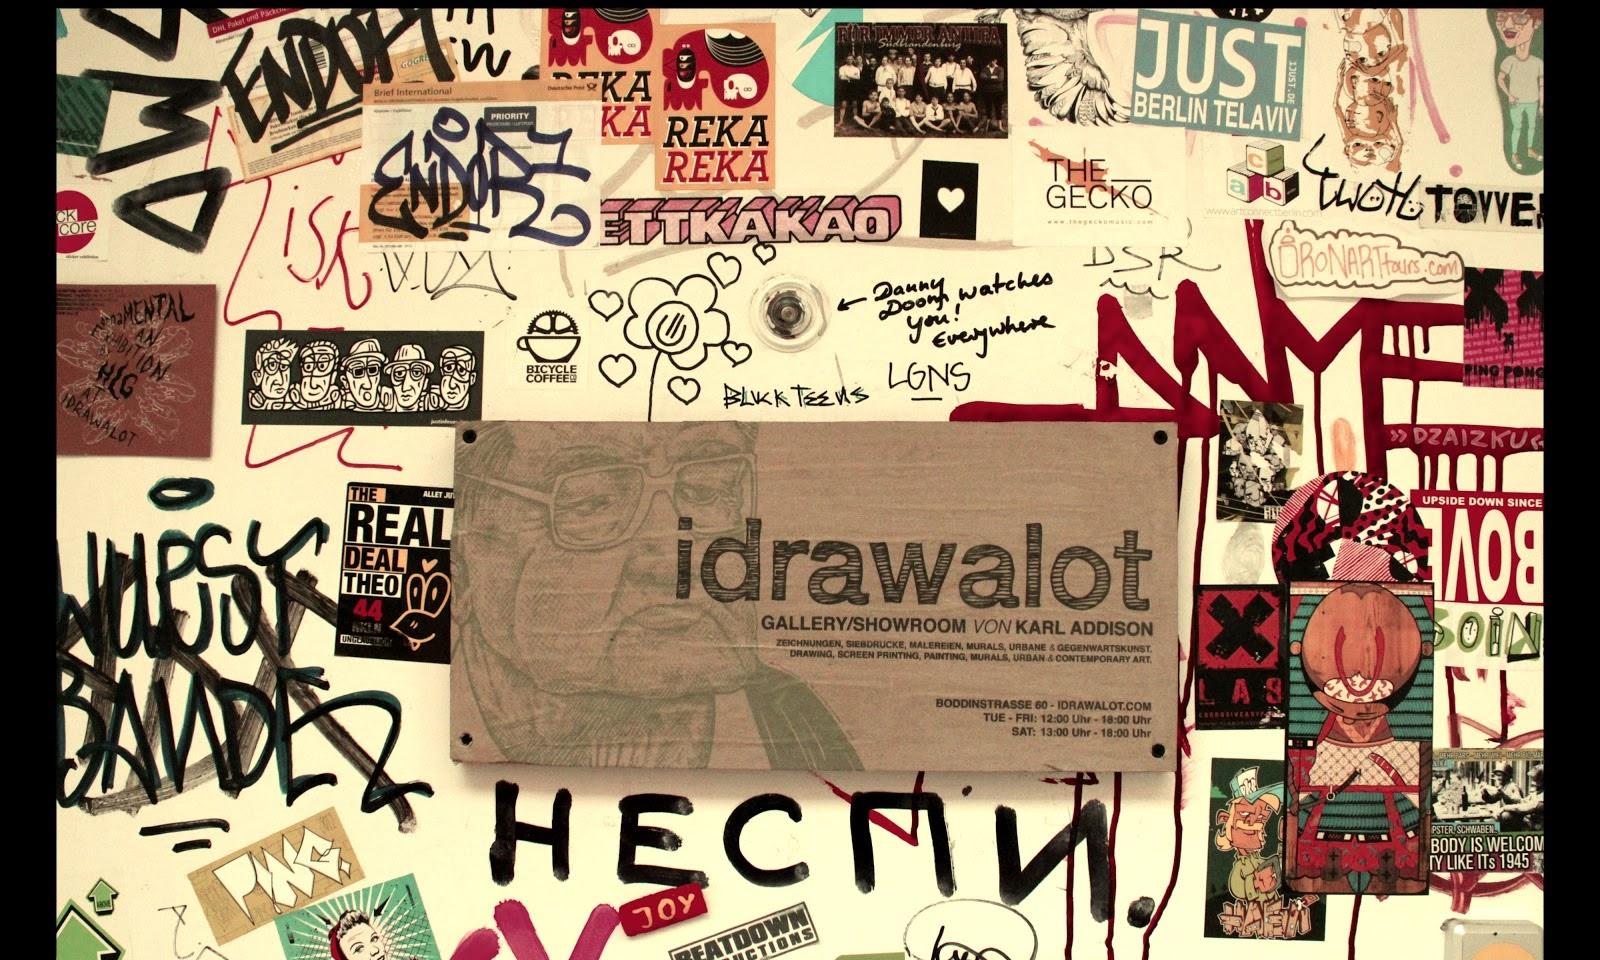 idrawalot